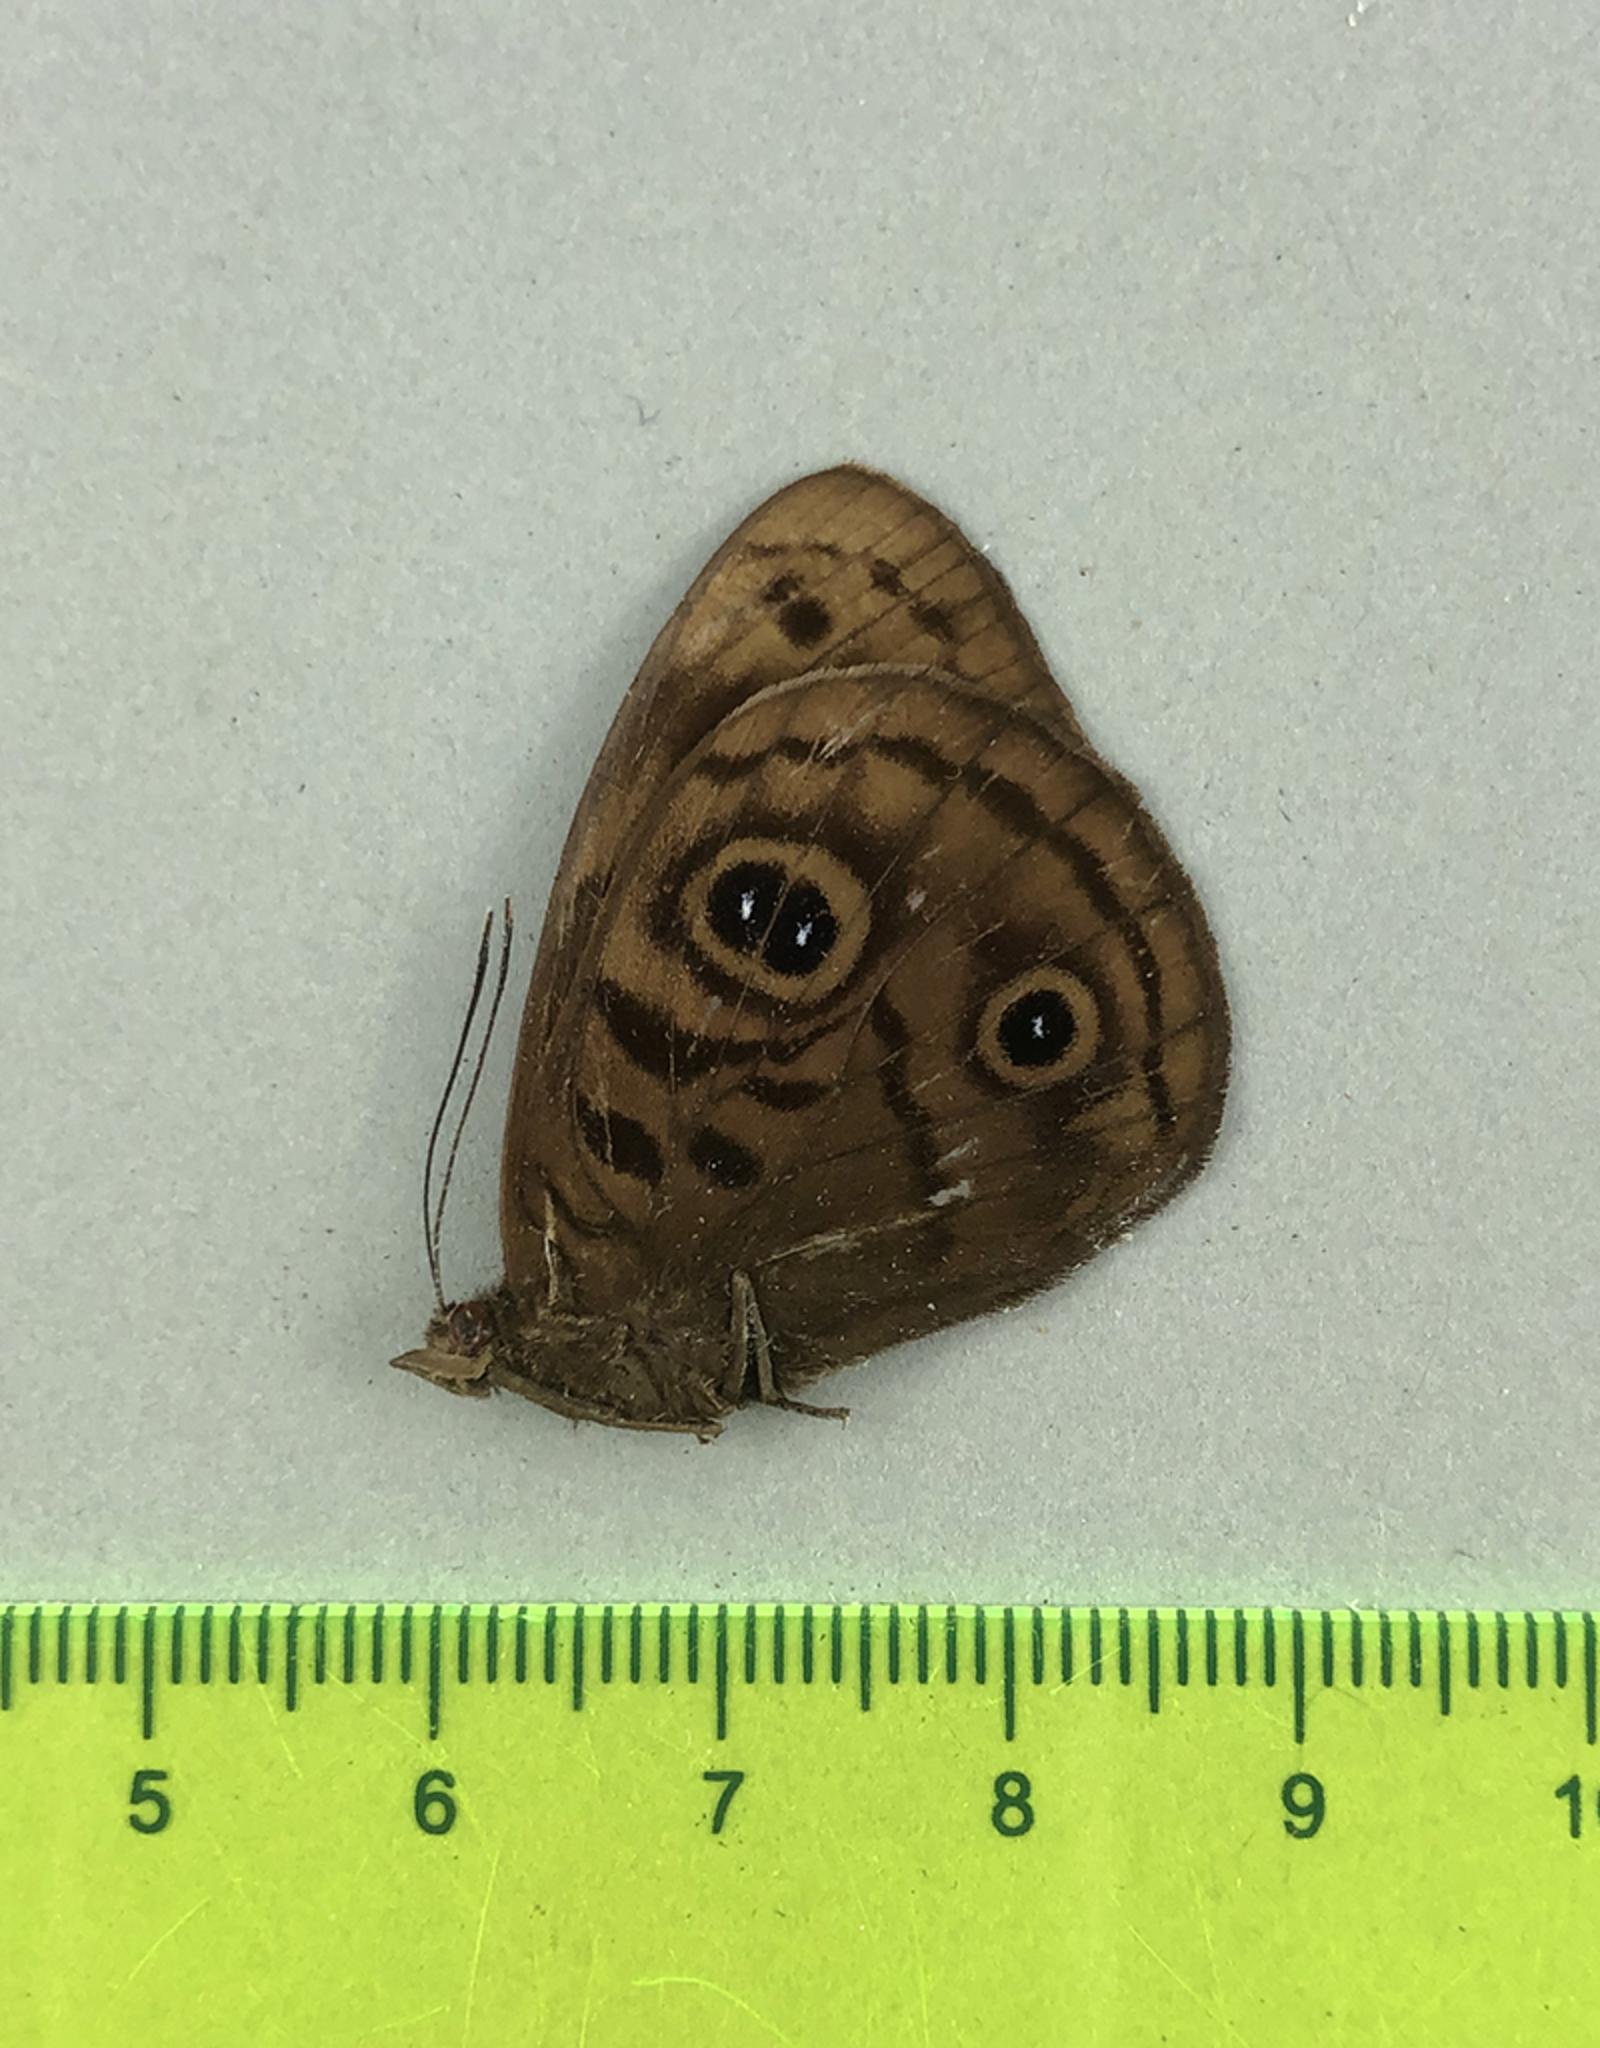 Eunica eurota eurota M A1 UHV, Peru